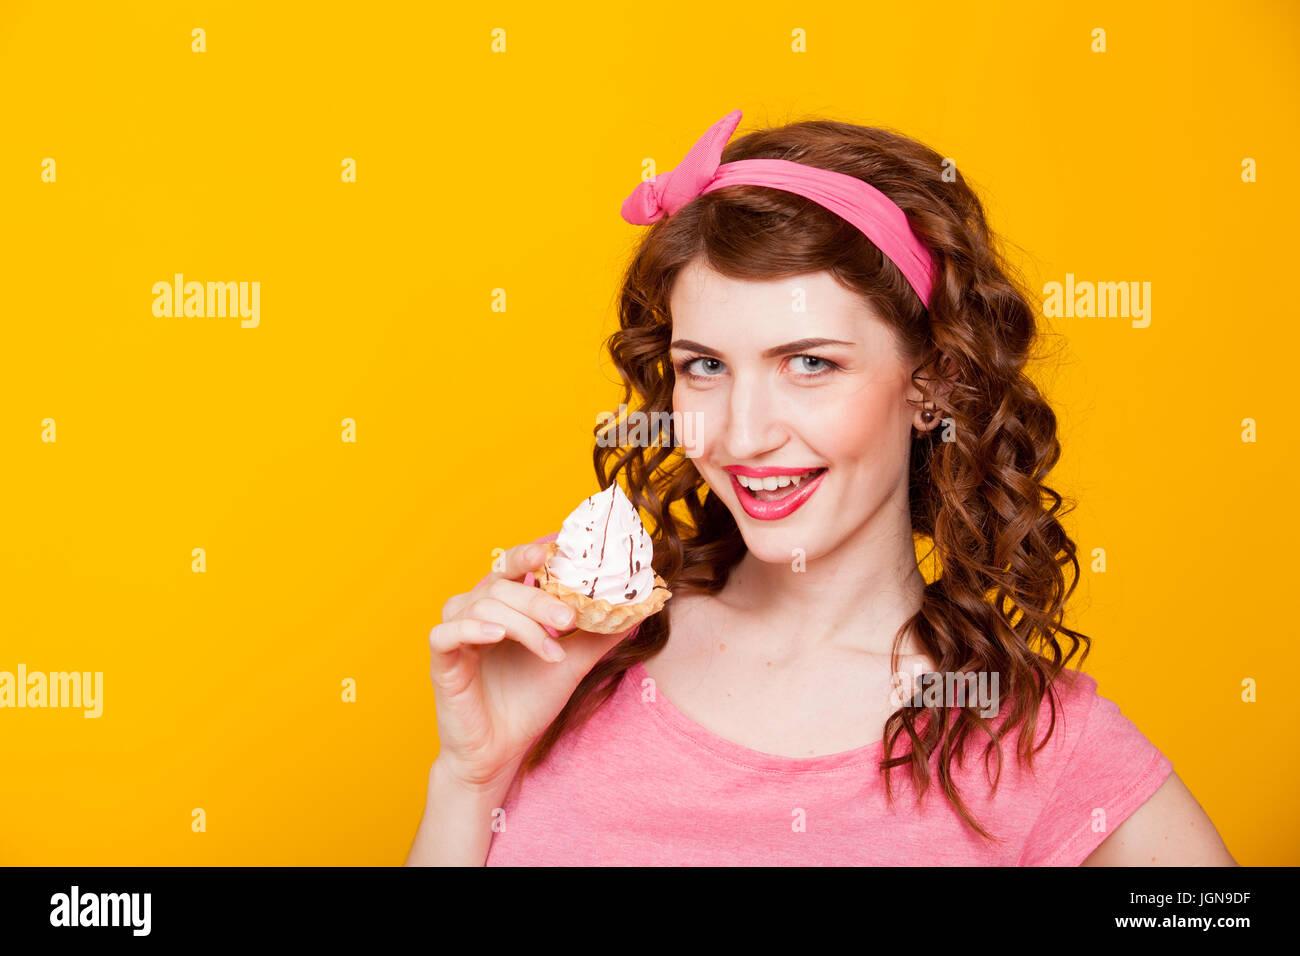 a047fc354 Chica en vestido rosado estilo pinup come torta con crema Imagen De Stock